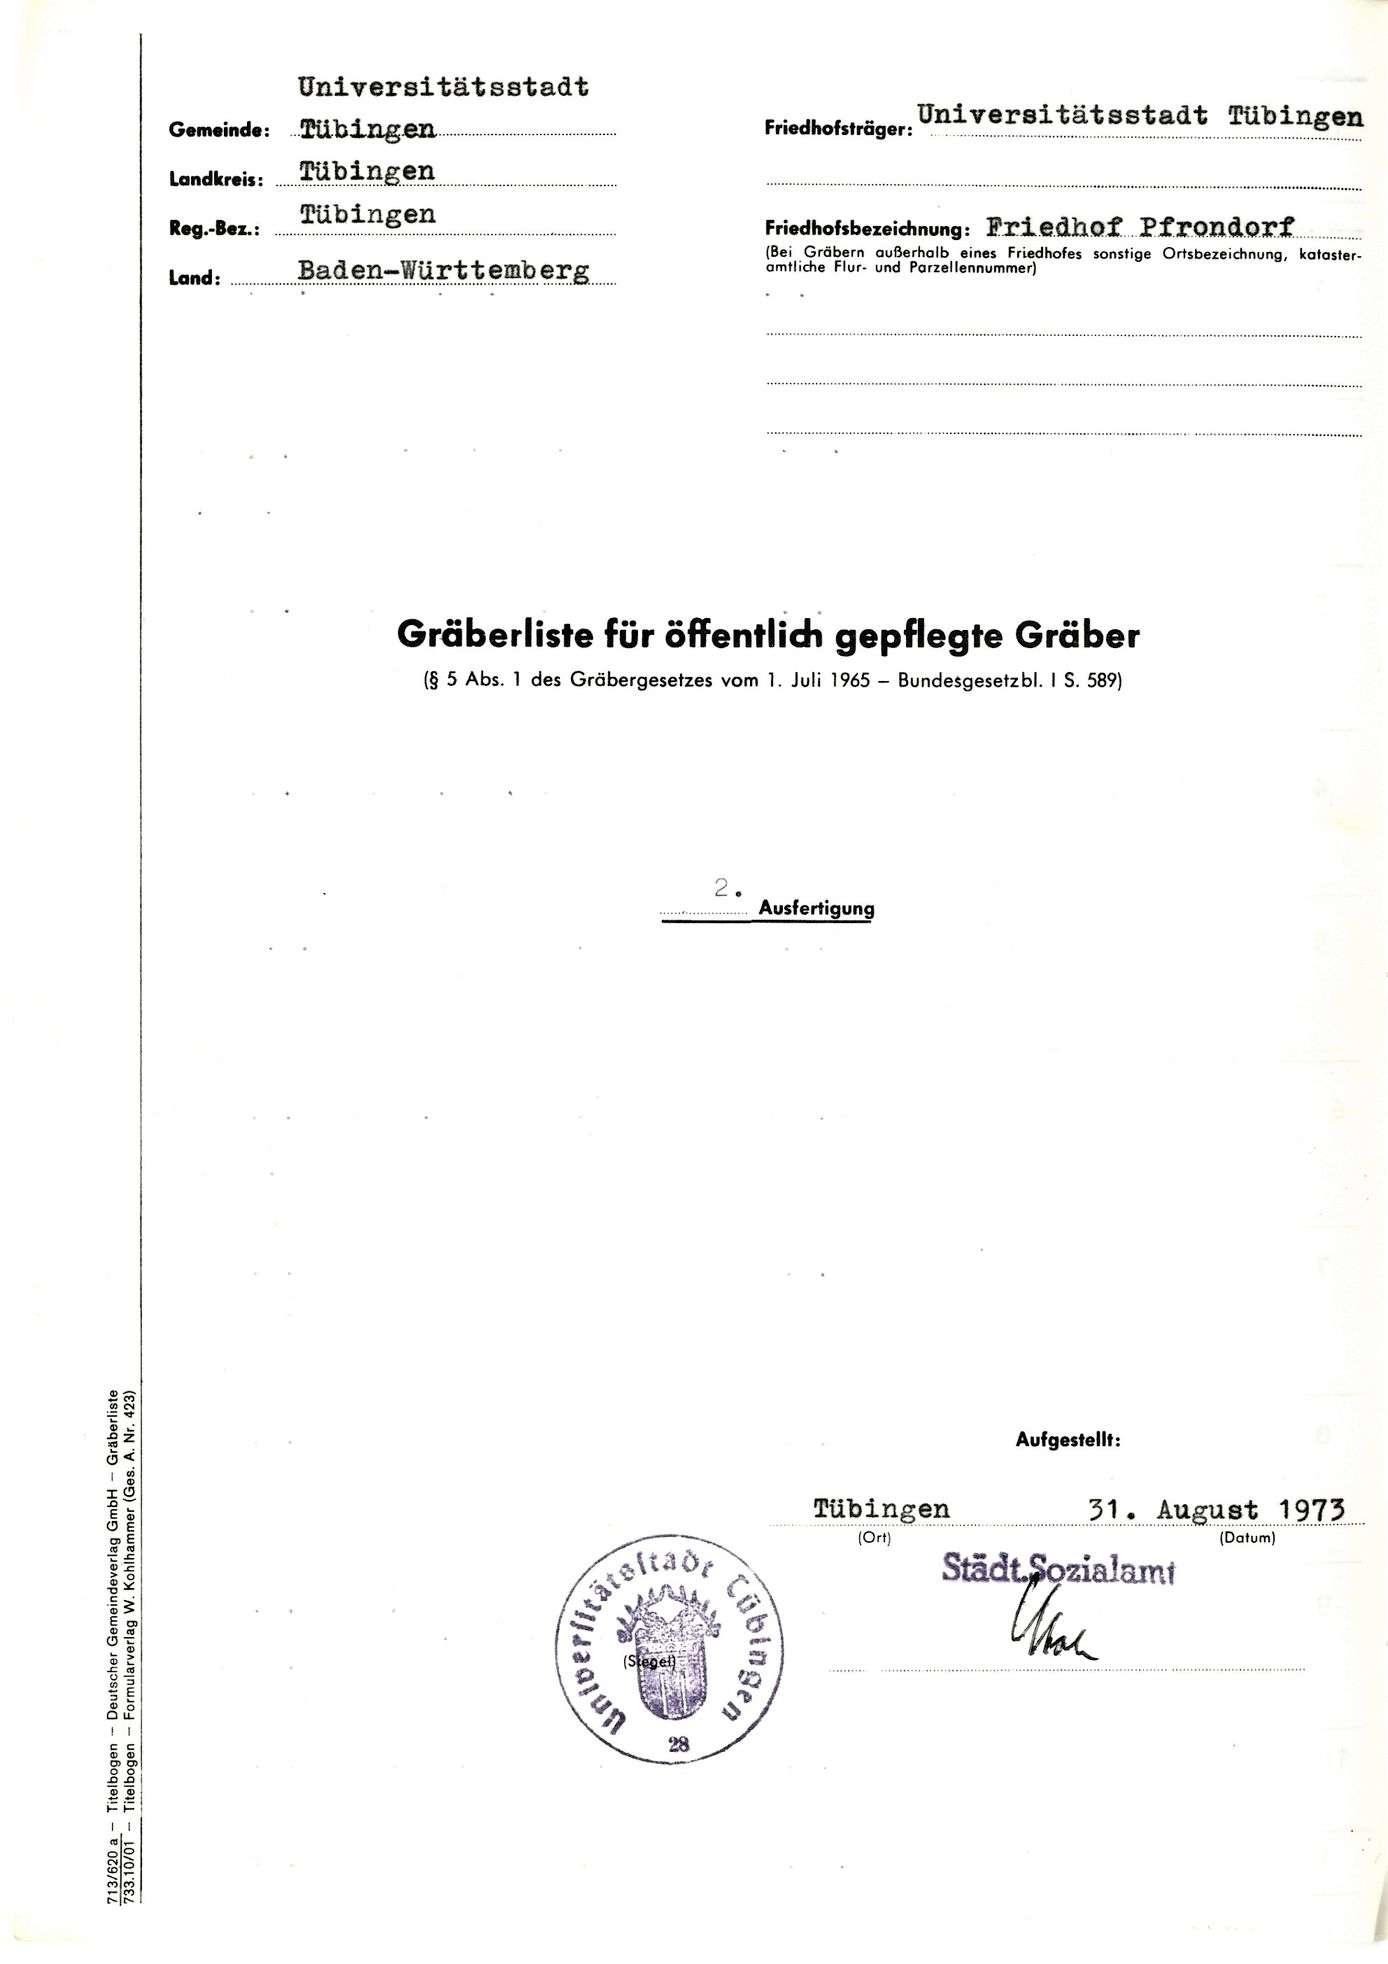 Pfrondorf, Bild 1